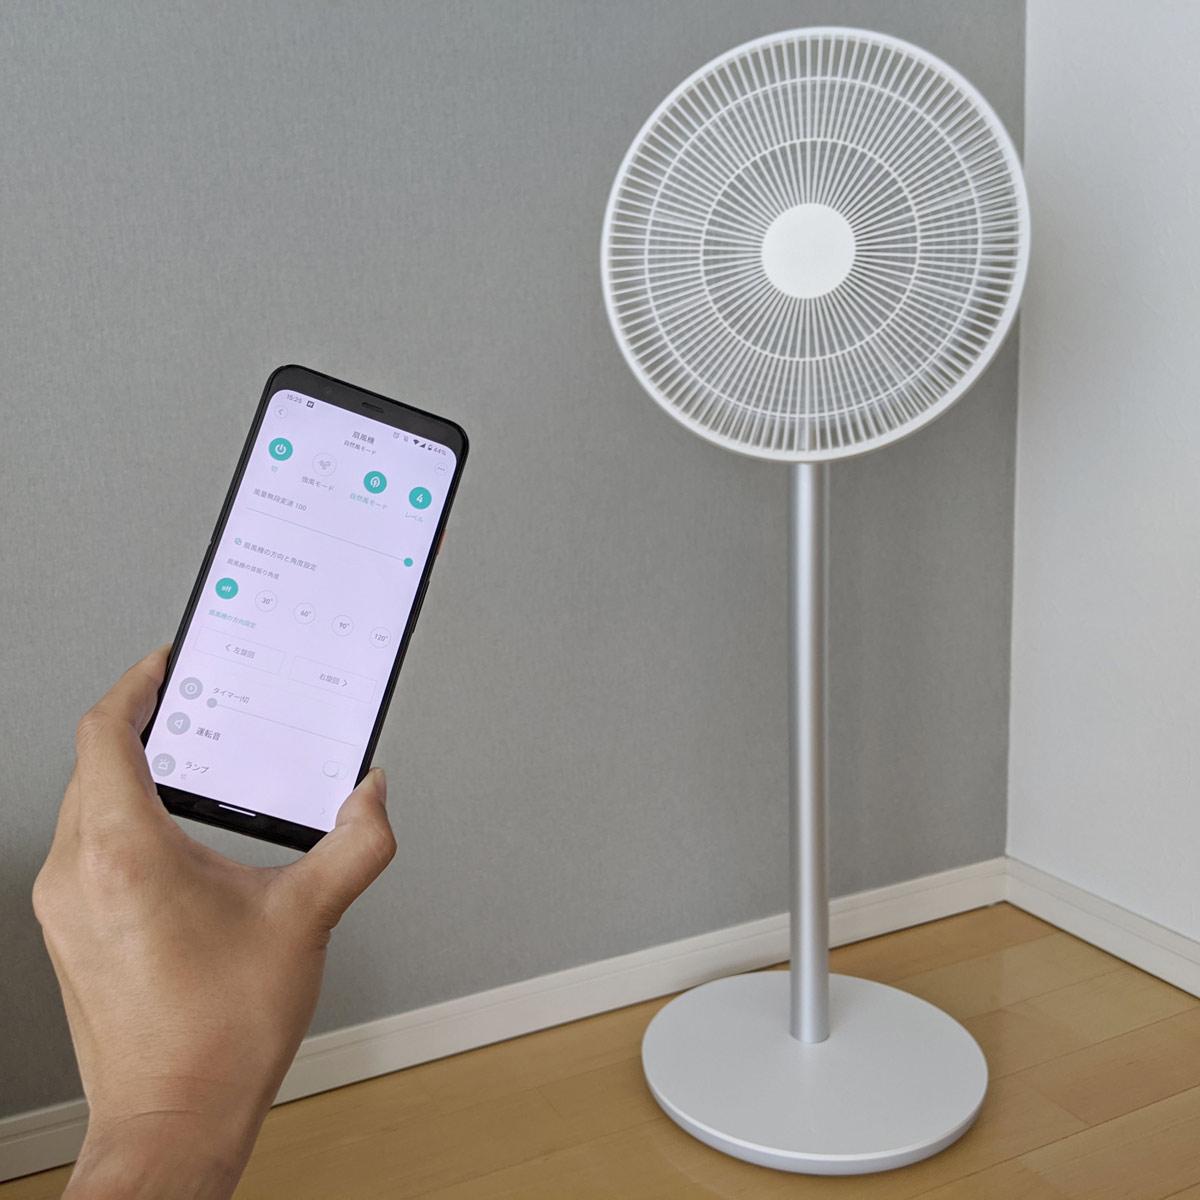 スマホで操作できるコードレスのDC扇風機「スマート扇風機2S」が使い勝手抜群